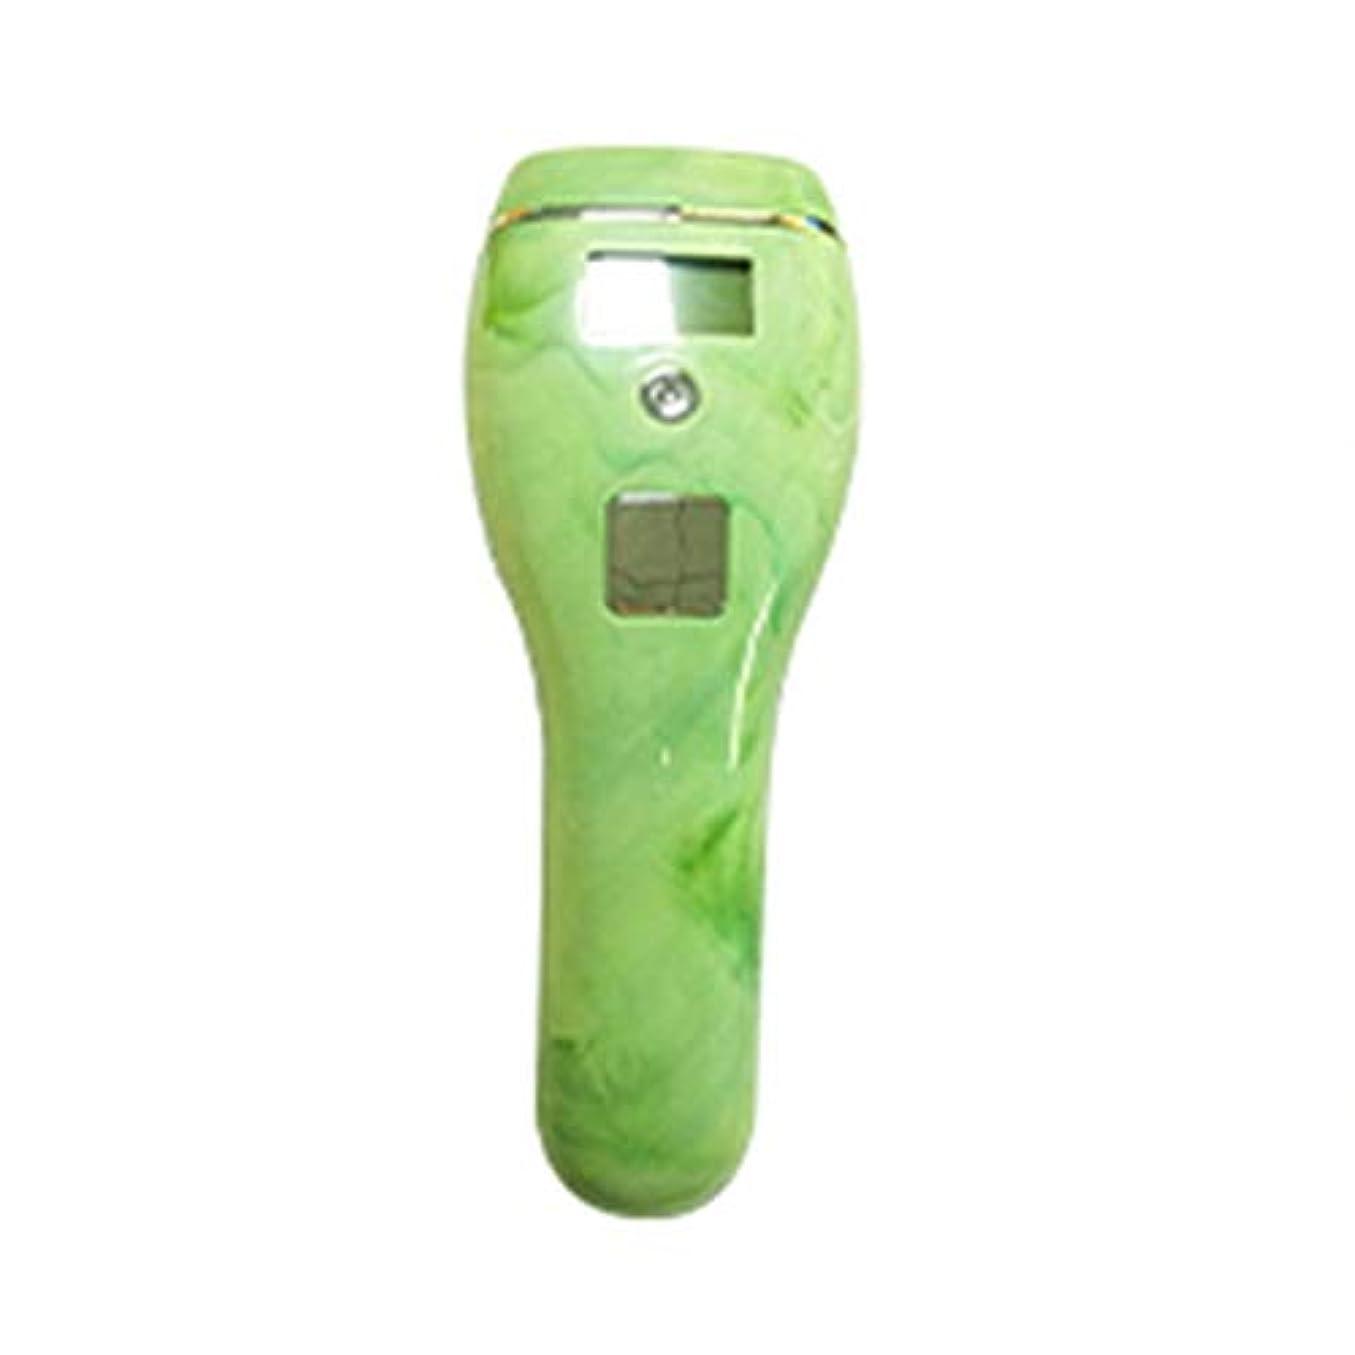 育成絶対に湖Xihouxian 自動肌のカラーセンシング、グリーン、5速調整、クォーツチューブ、携帯用痛みのない全身凍結乾燥用除湿器、サイズ19x7x5cm D40 (Color : Green)